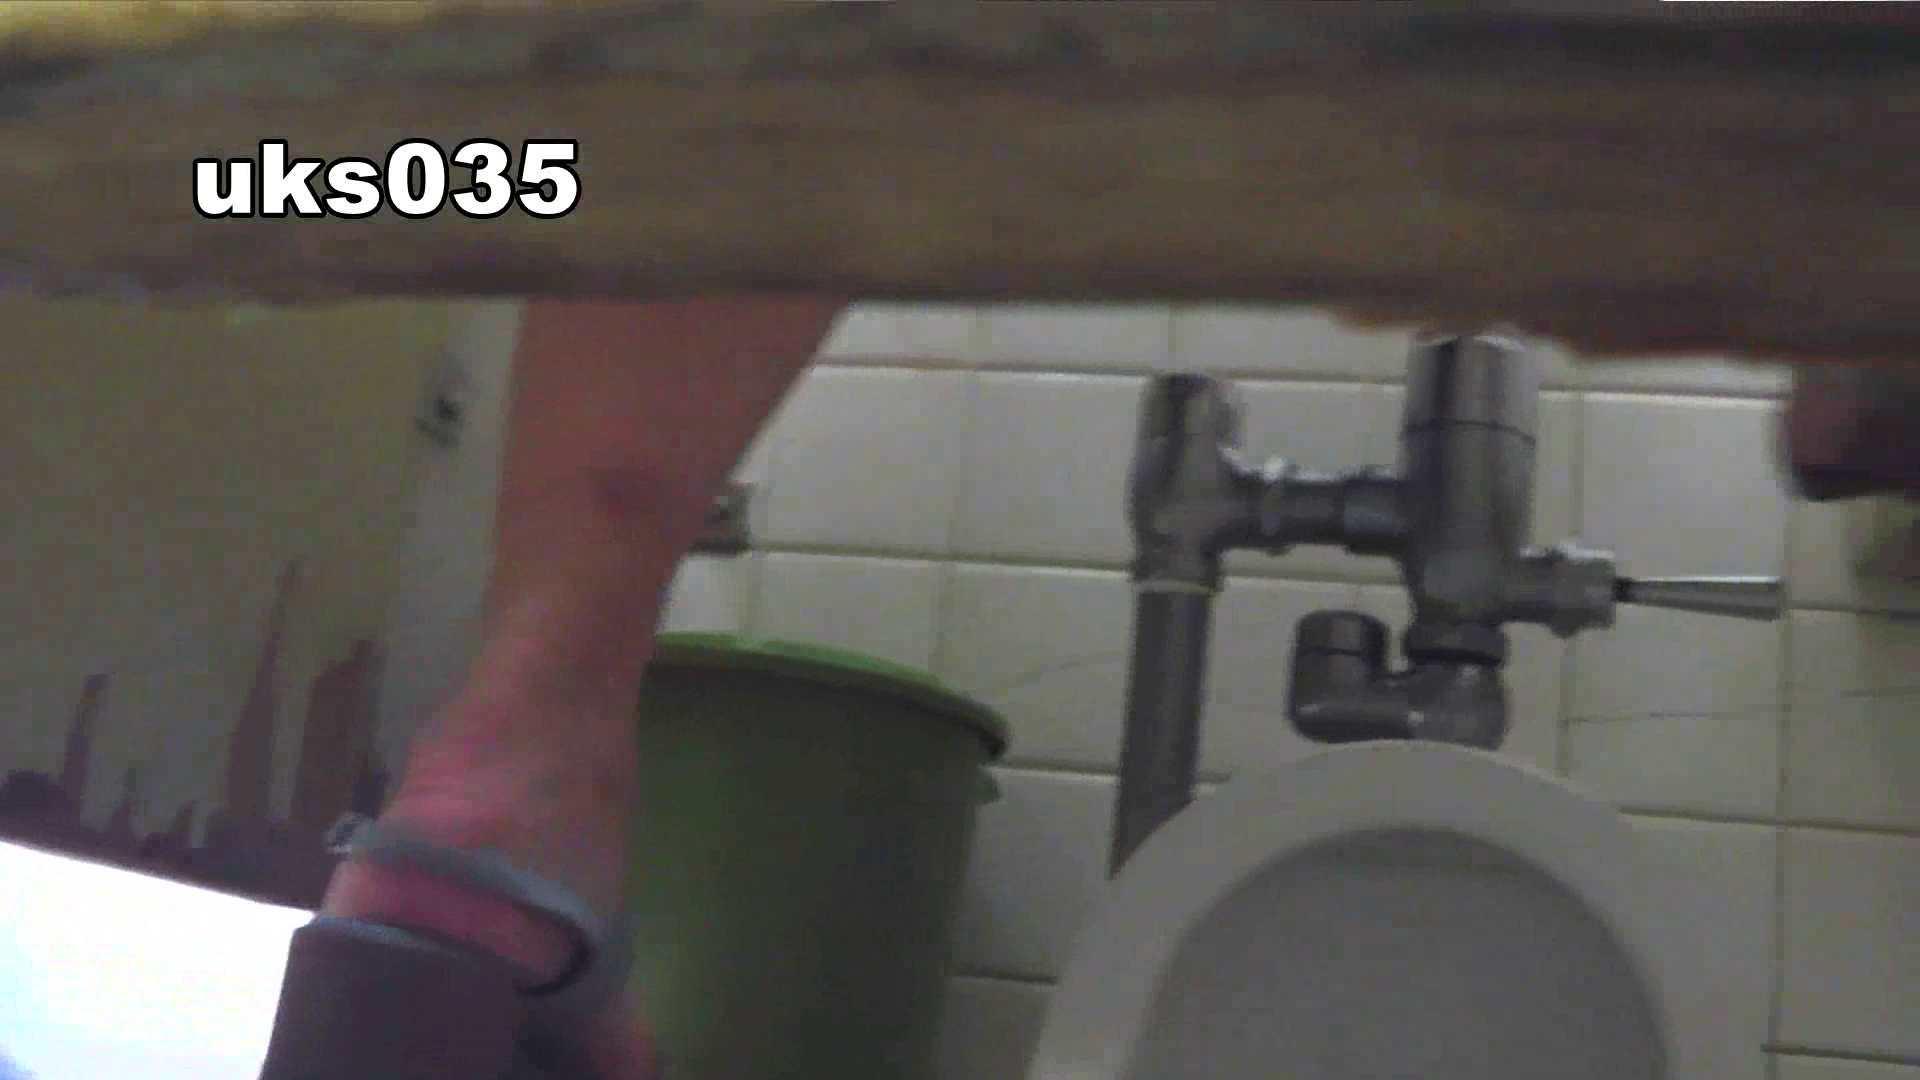 洗面所特攻隊 vol.035 美脚にょろ OL | 洗面所着替え  53連発 10